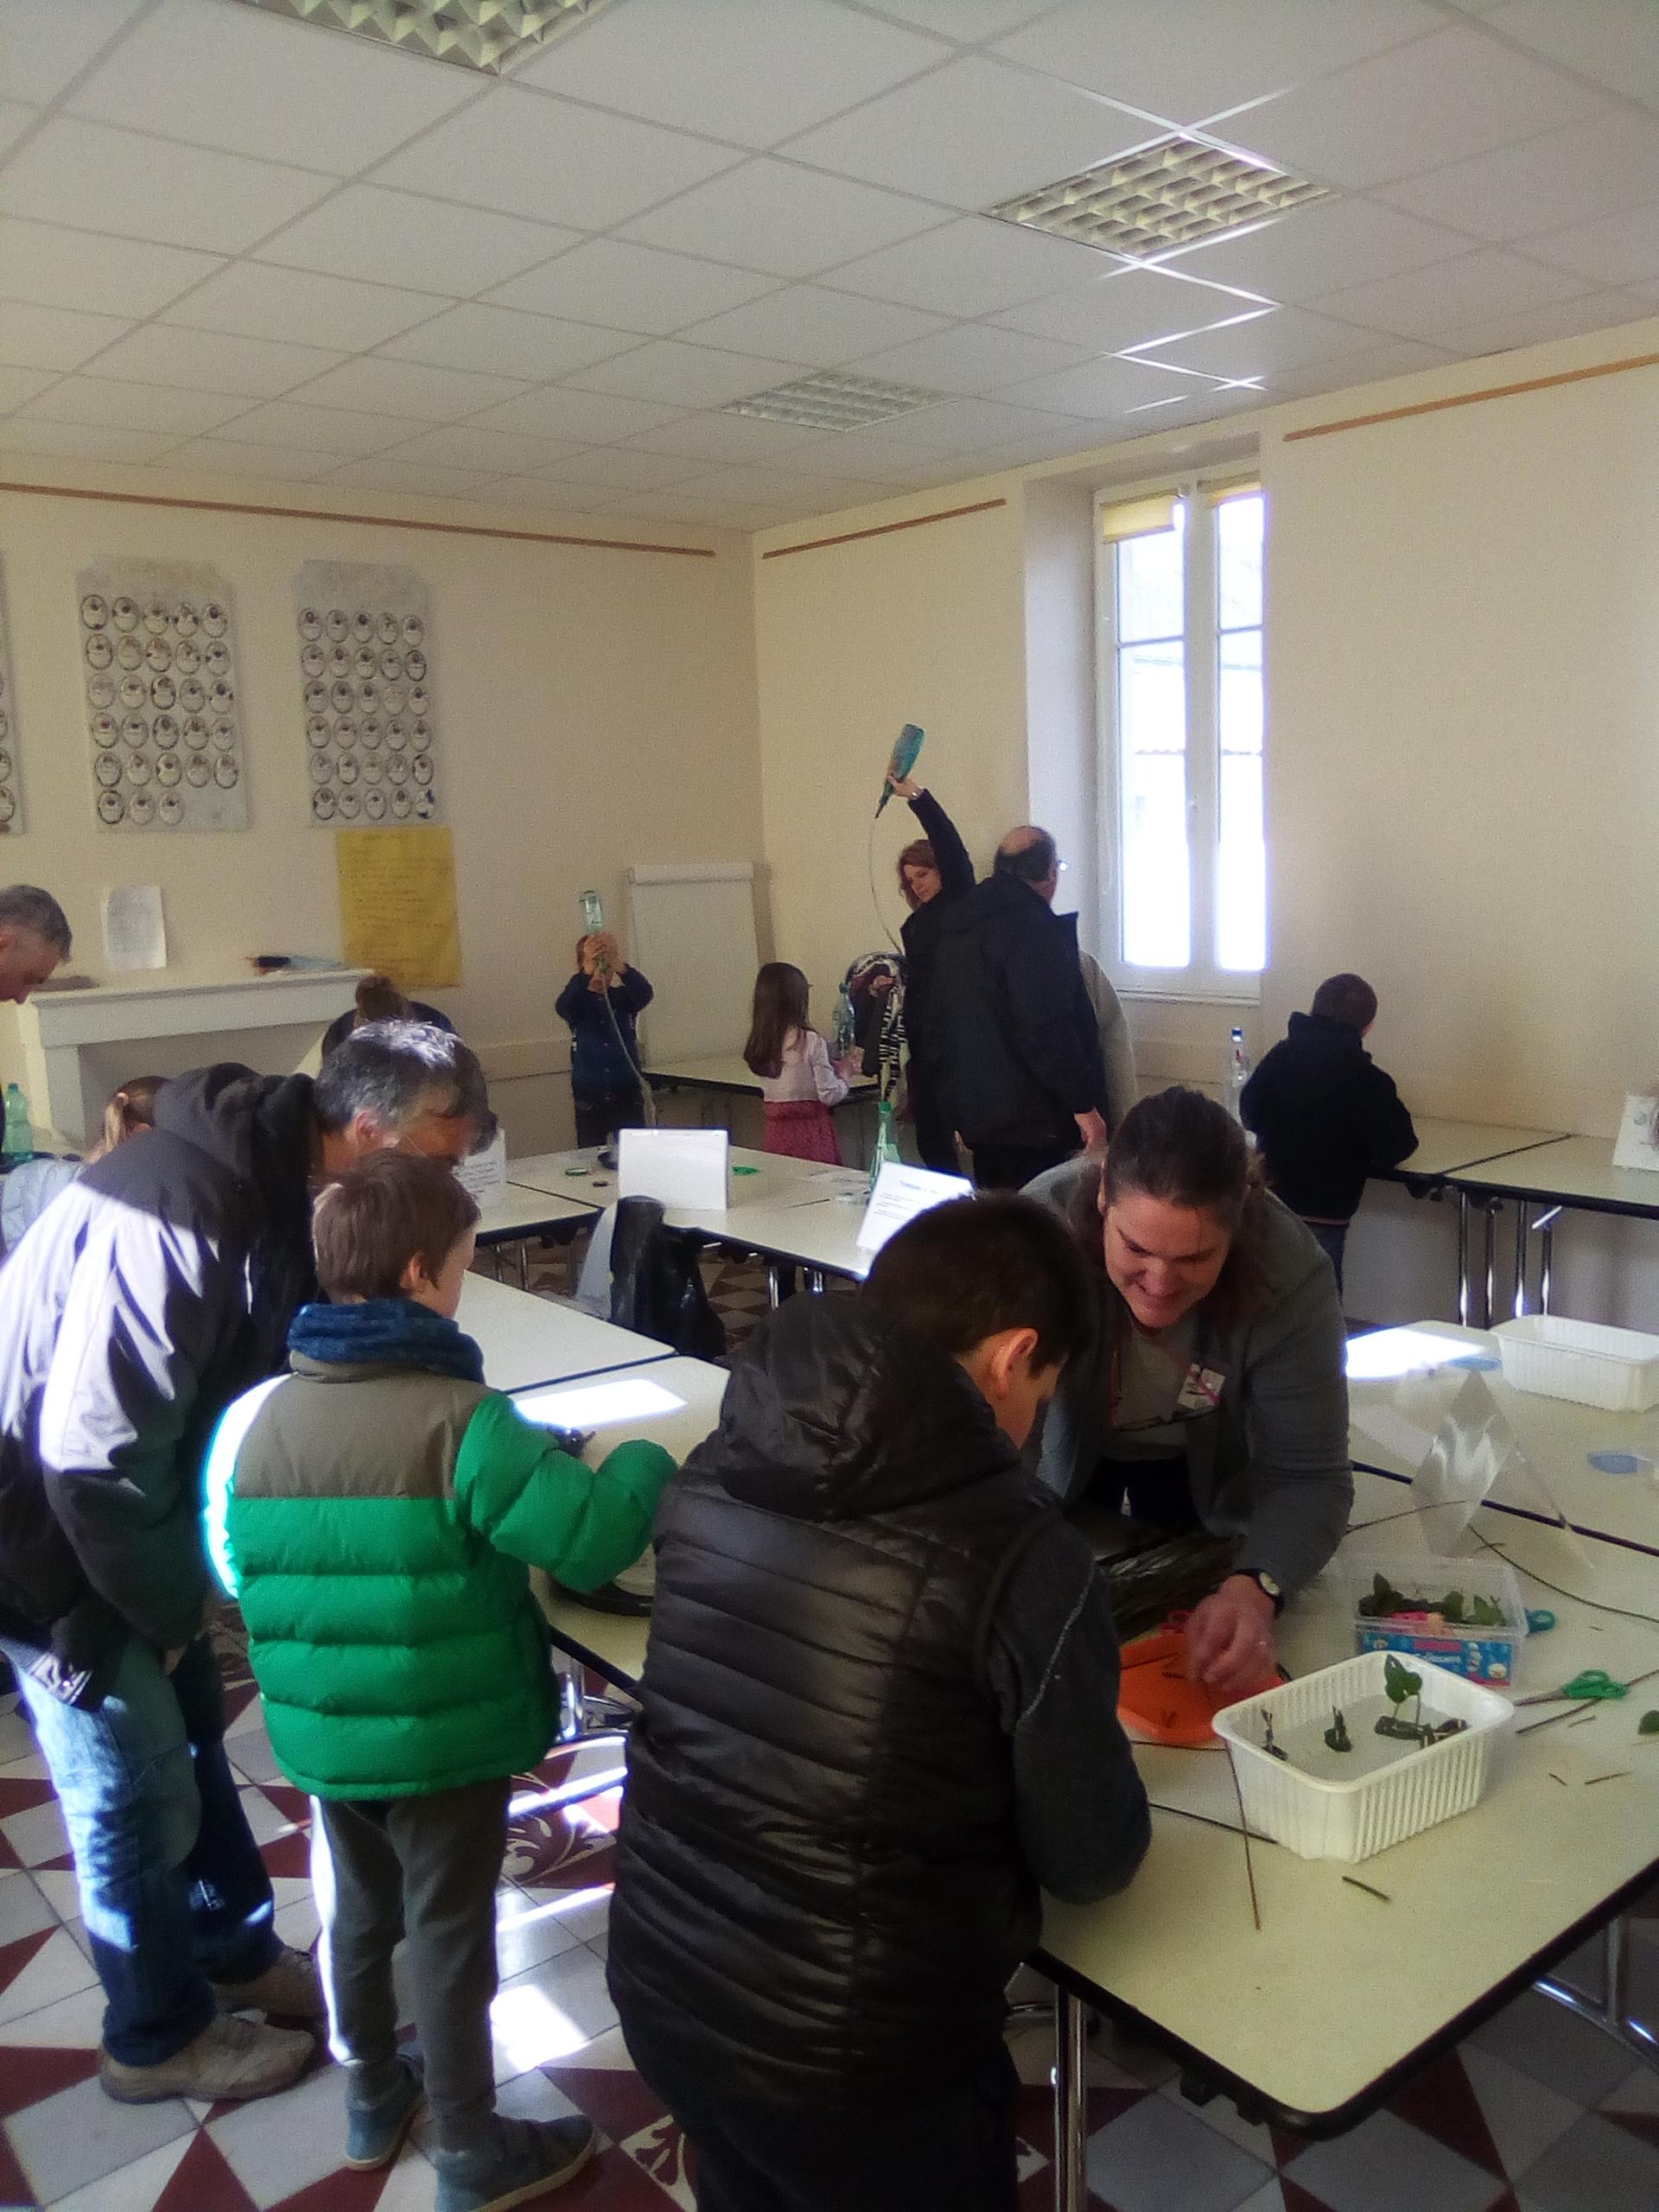 Mois de l'environnement à Soullans – Mars 2017